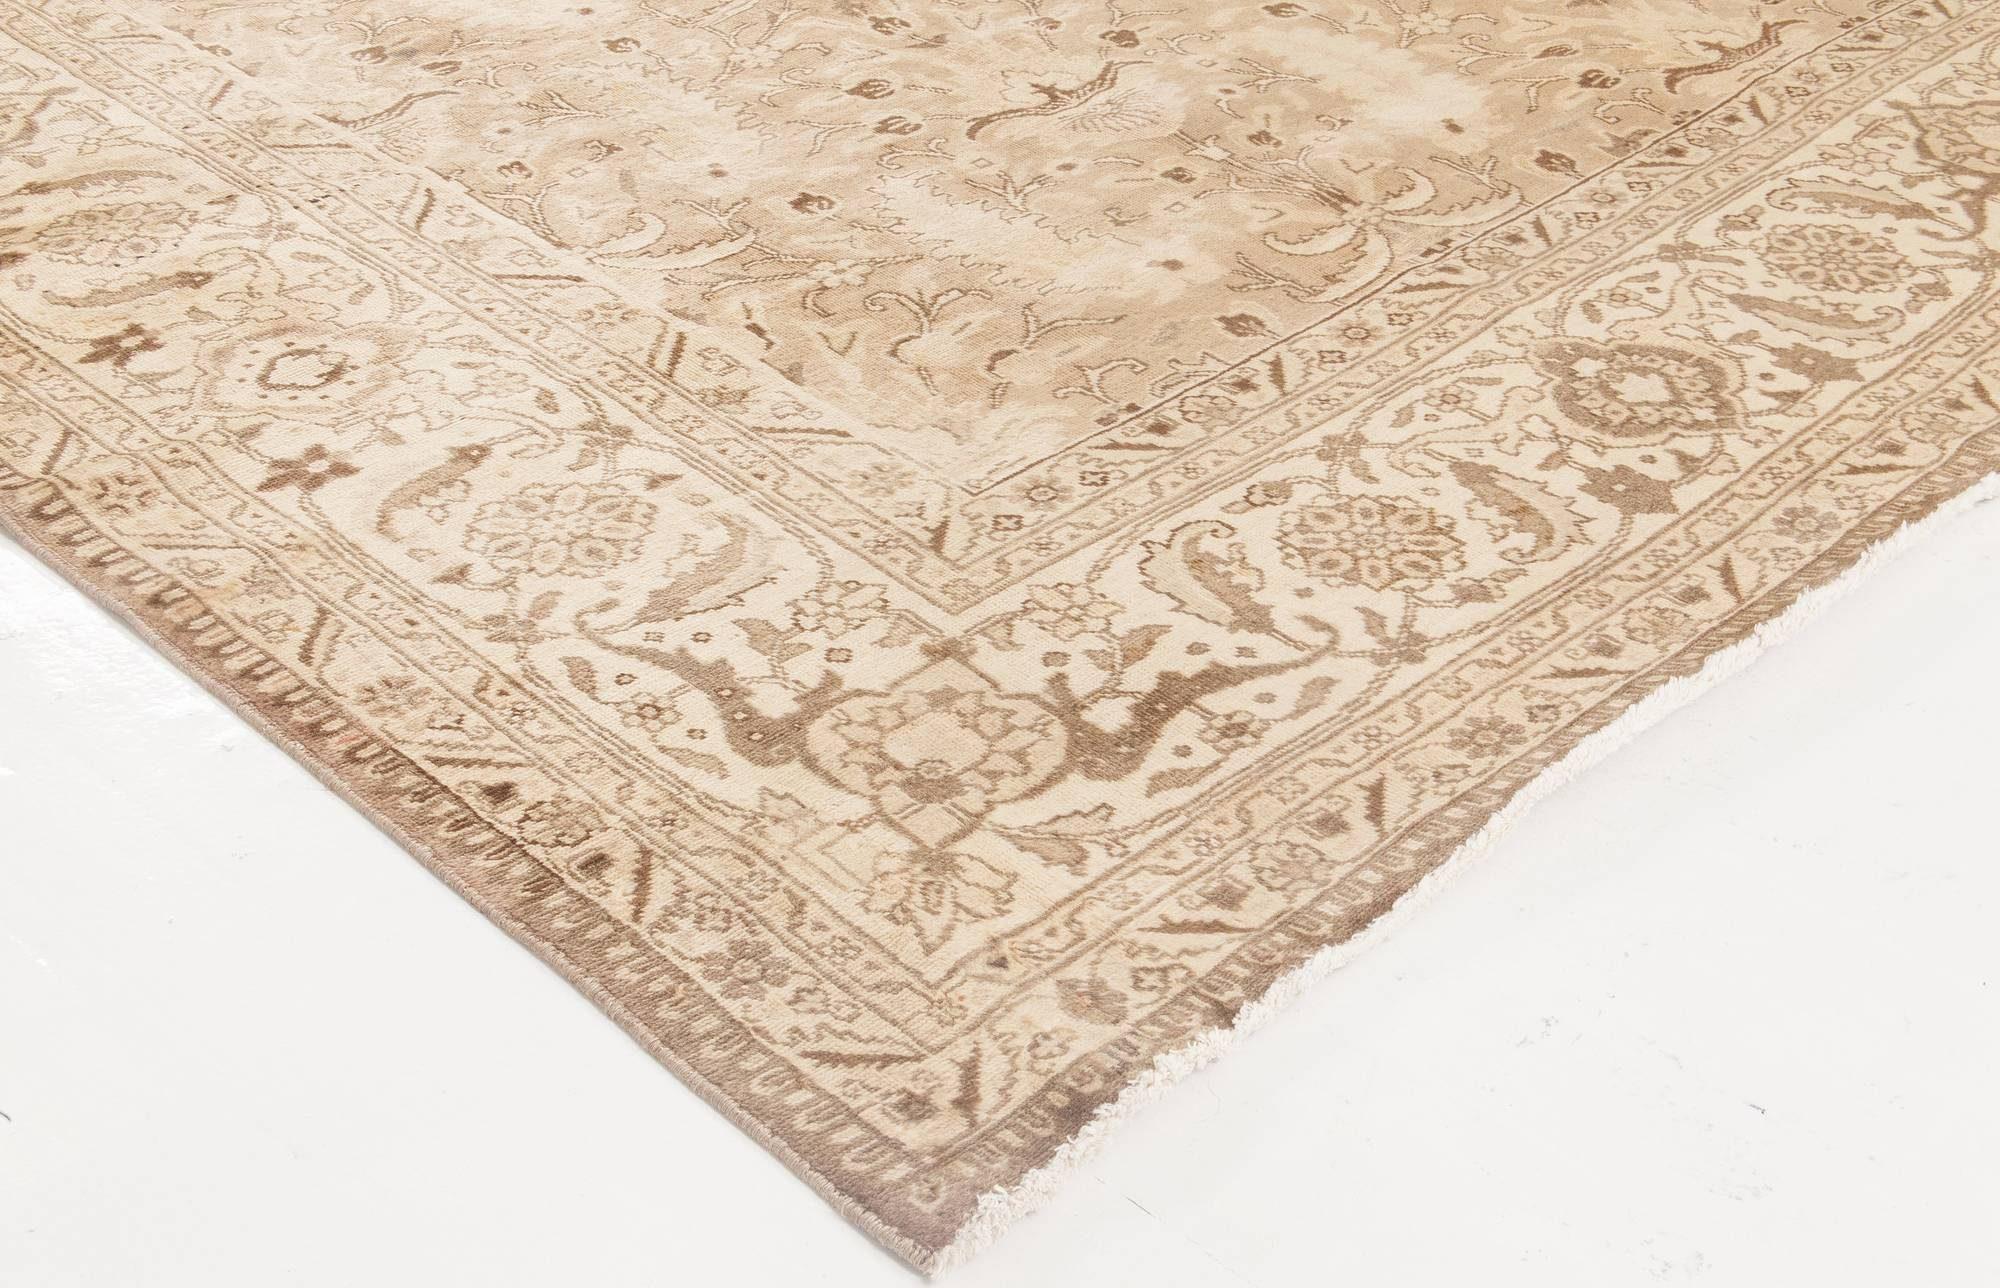 Antique Tabriz Beige Handwoven Wool Rug BB0368